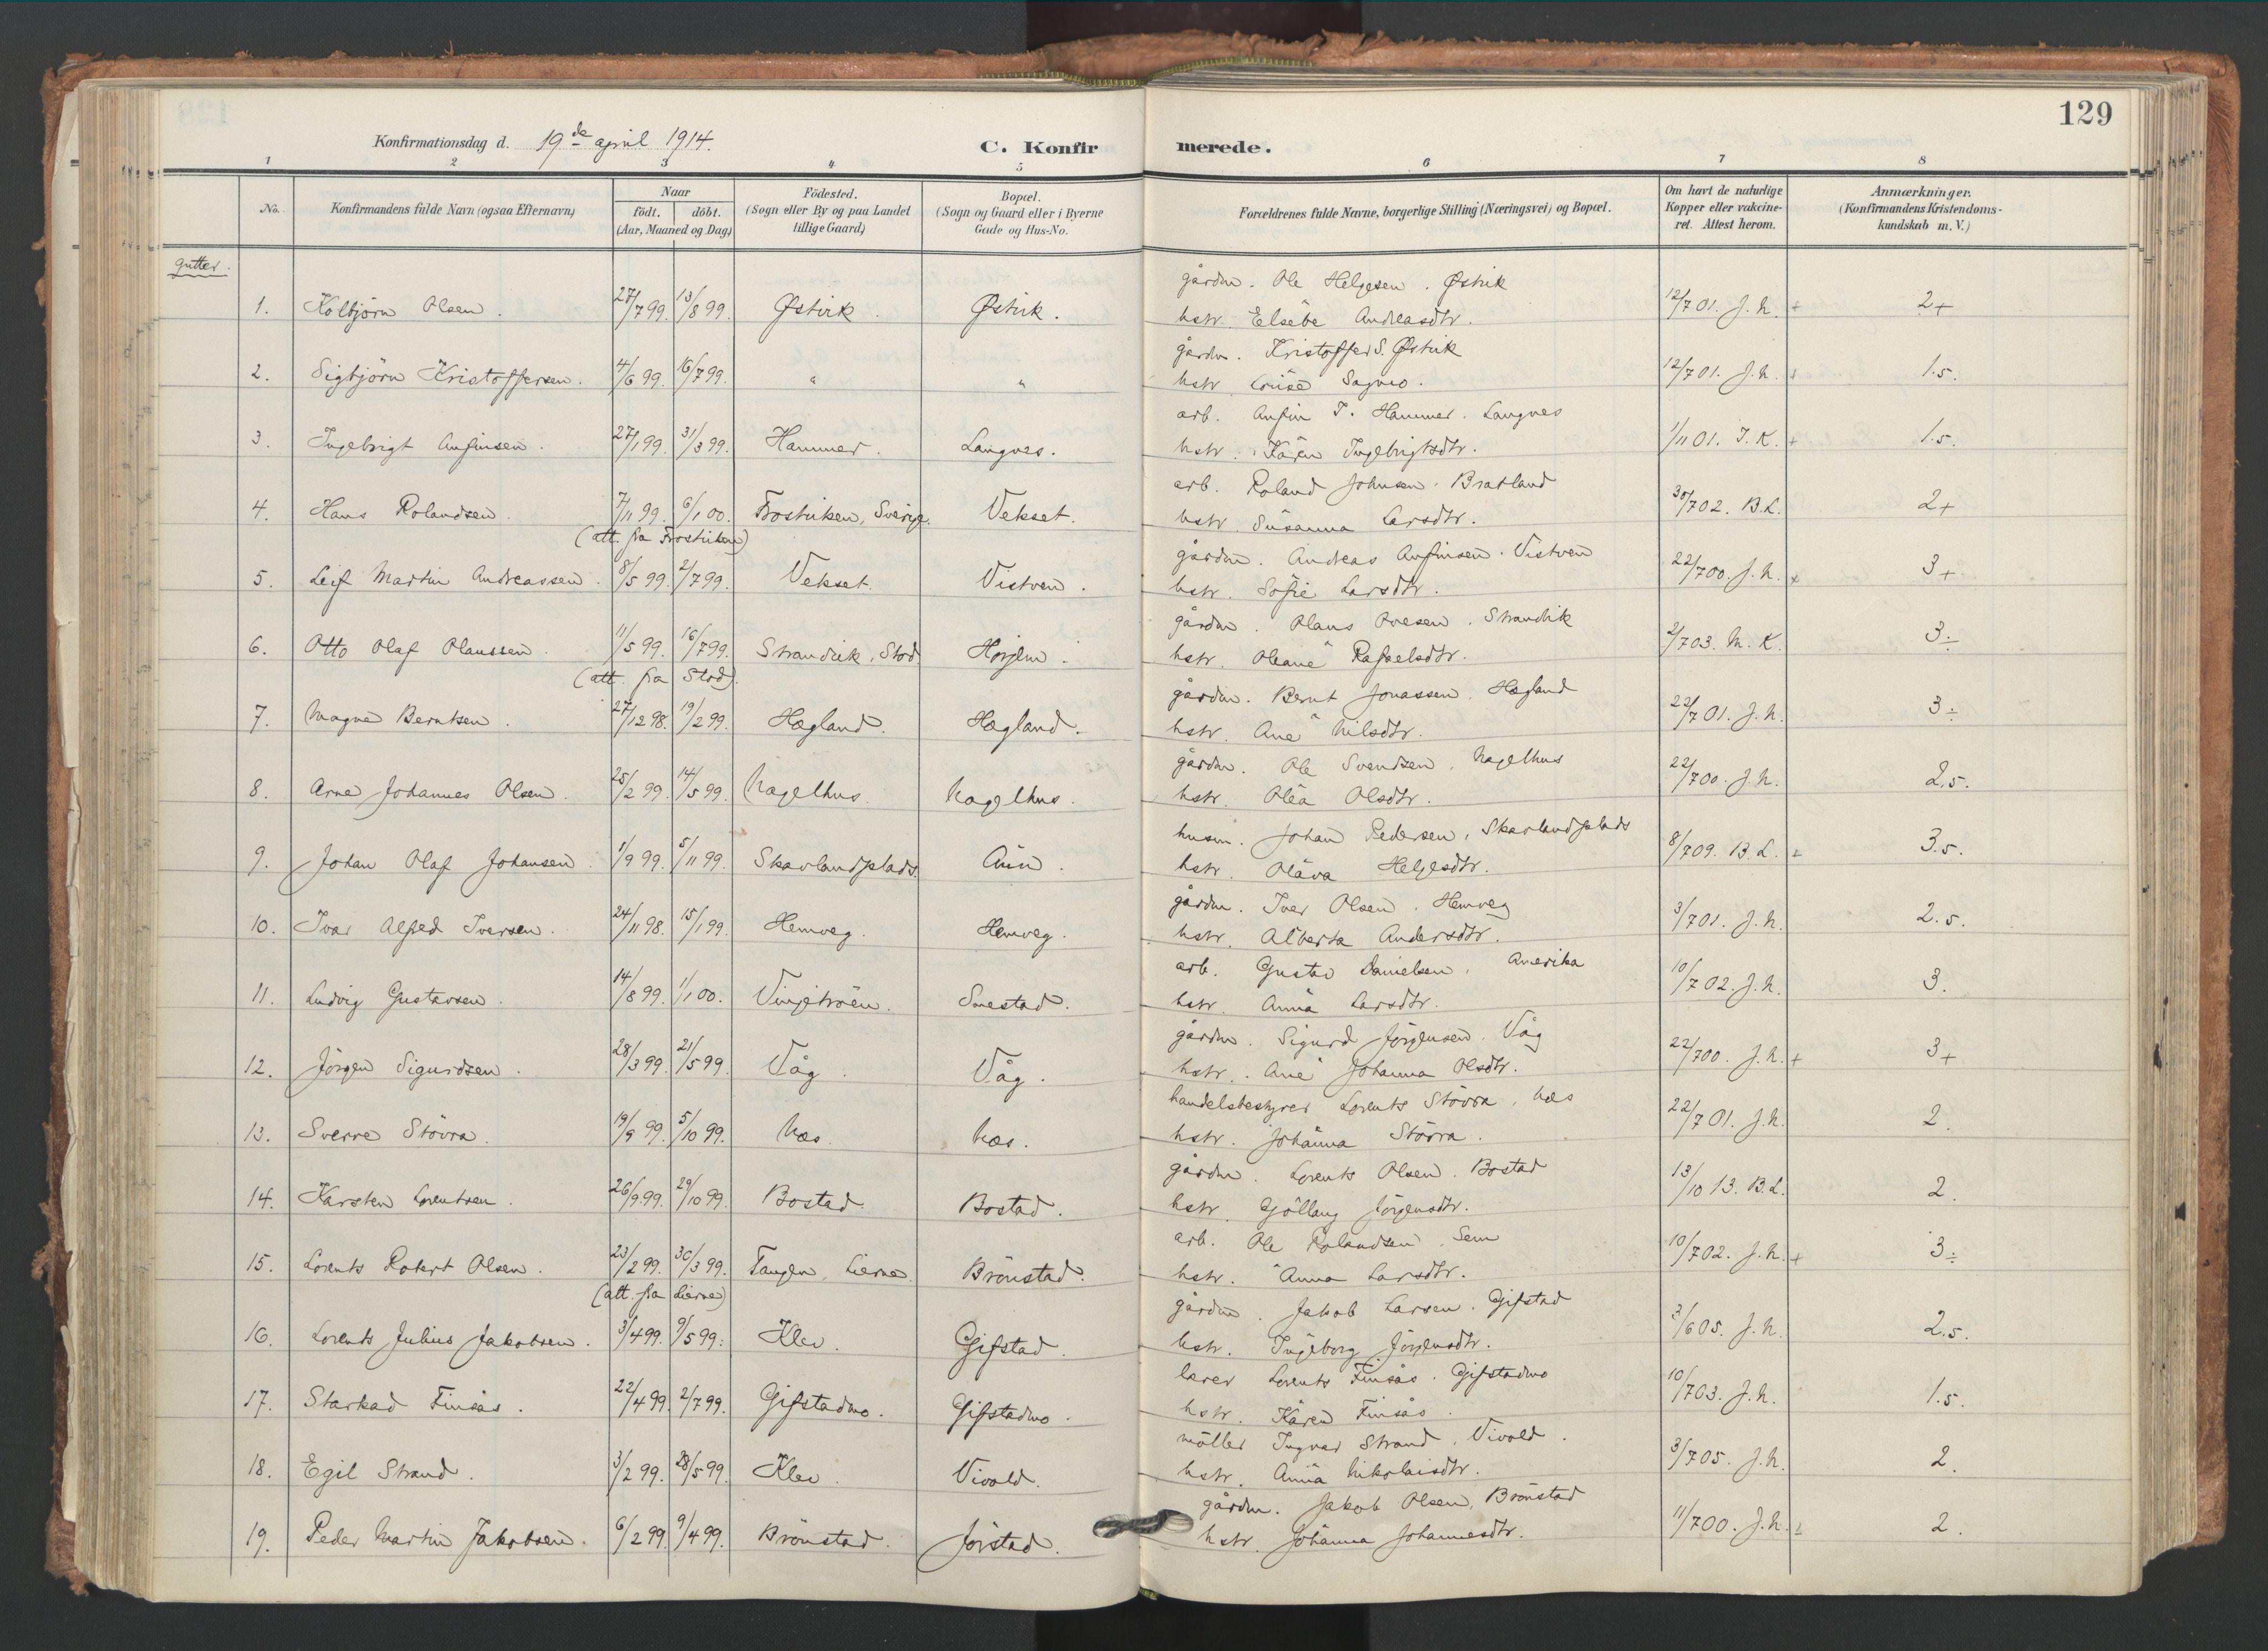 SAT, Ministerialprotokoller, klokkerbøker og fødselsregistre - Nord-Trøndelag, 749/L0477: Ministerialbok nr. 749A11, 1902-1927, s. 129